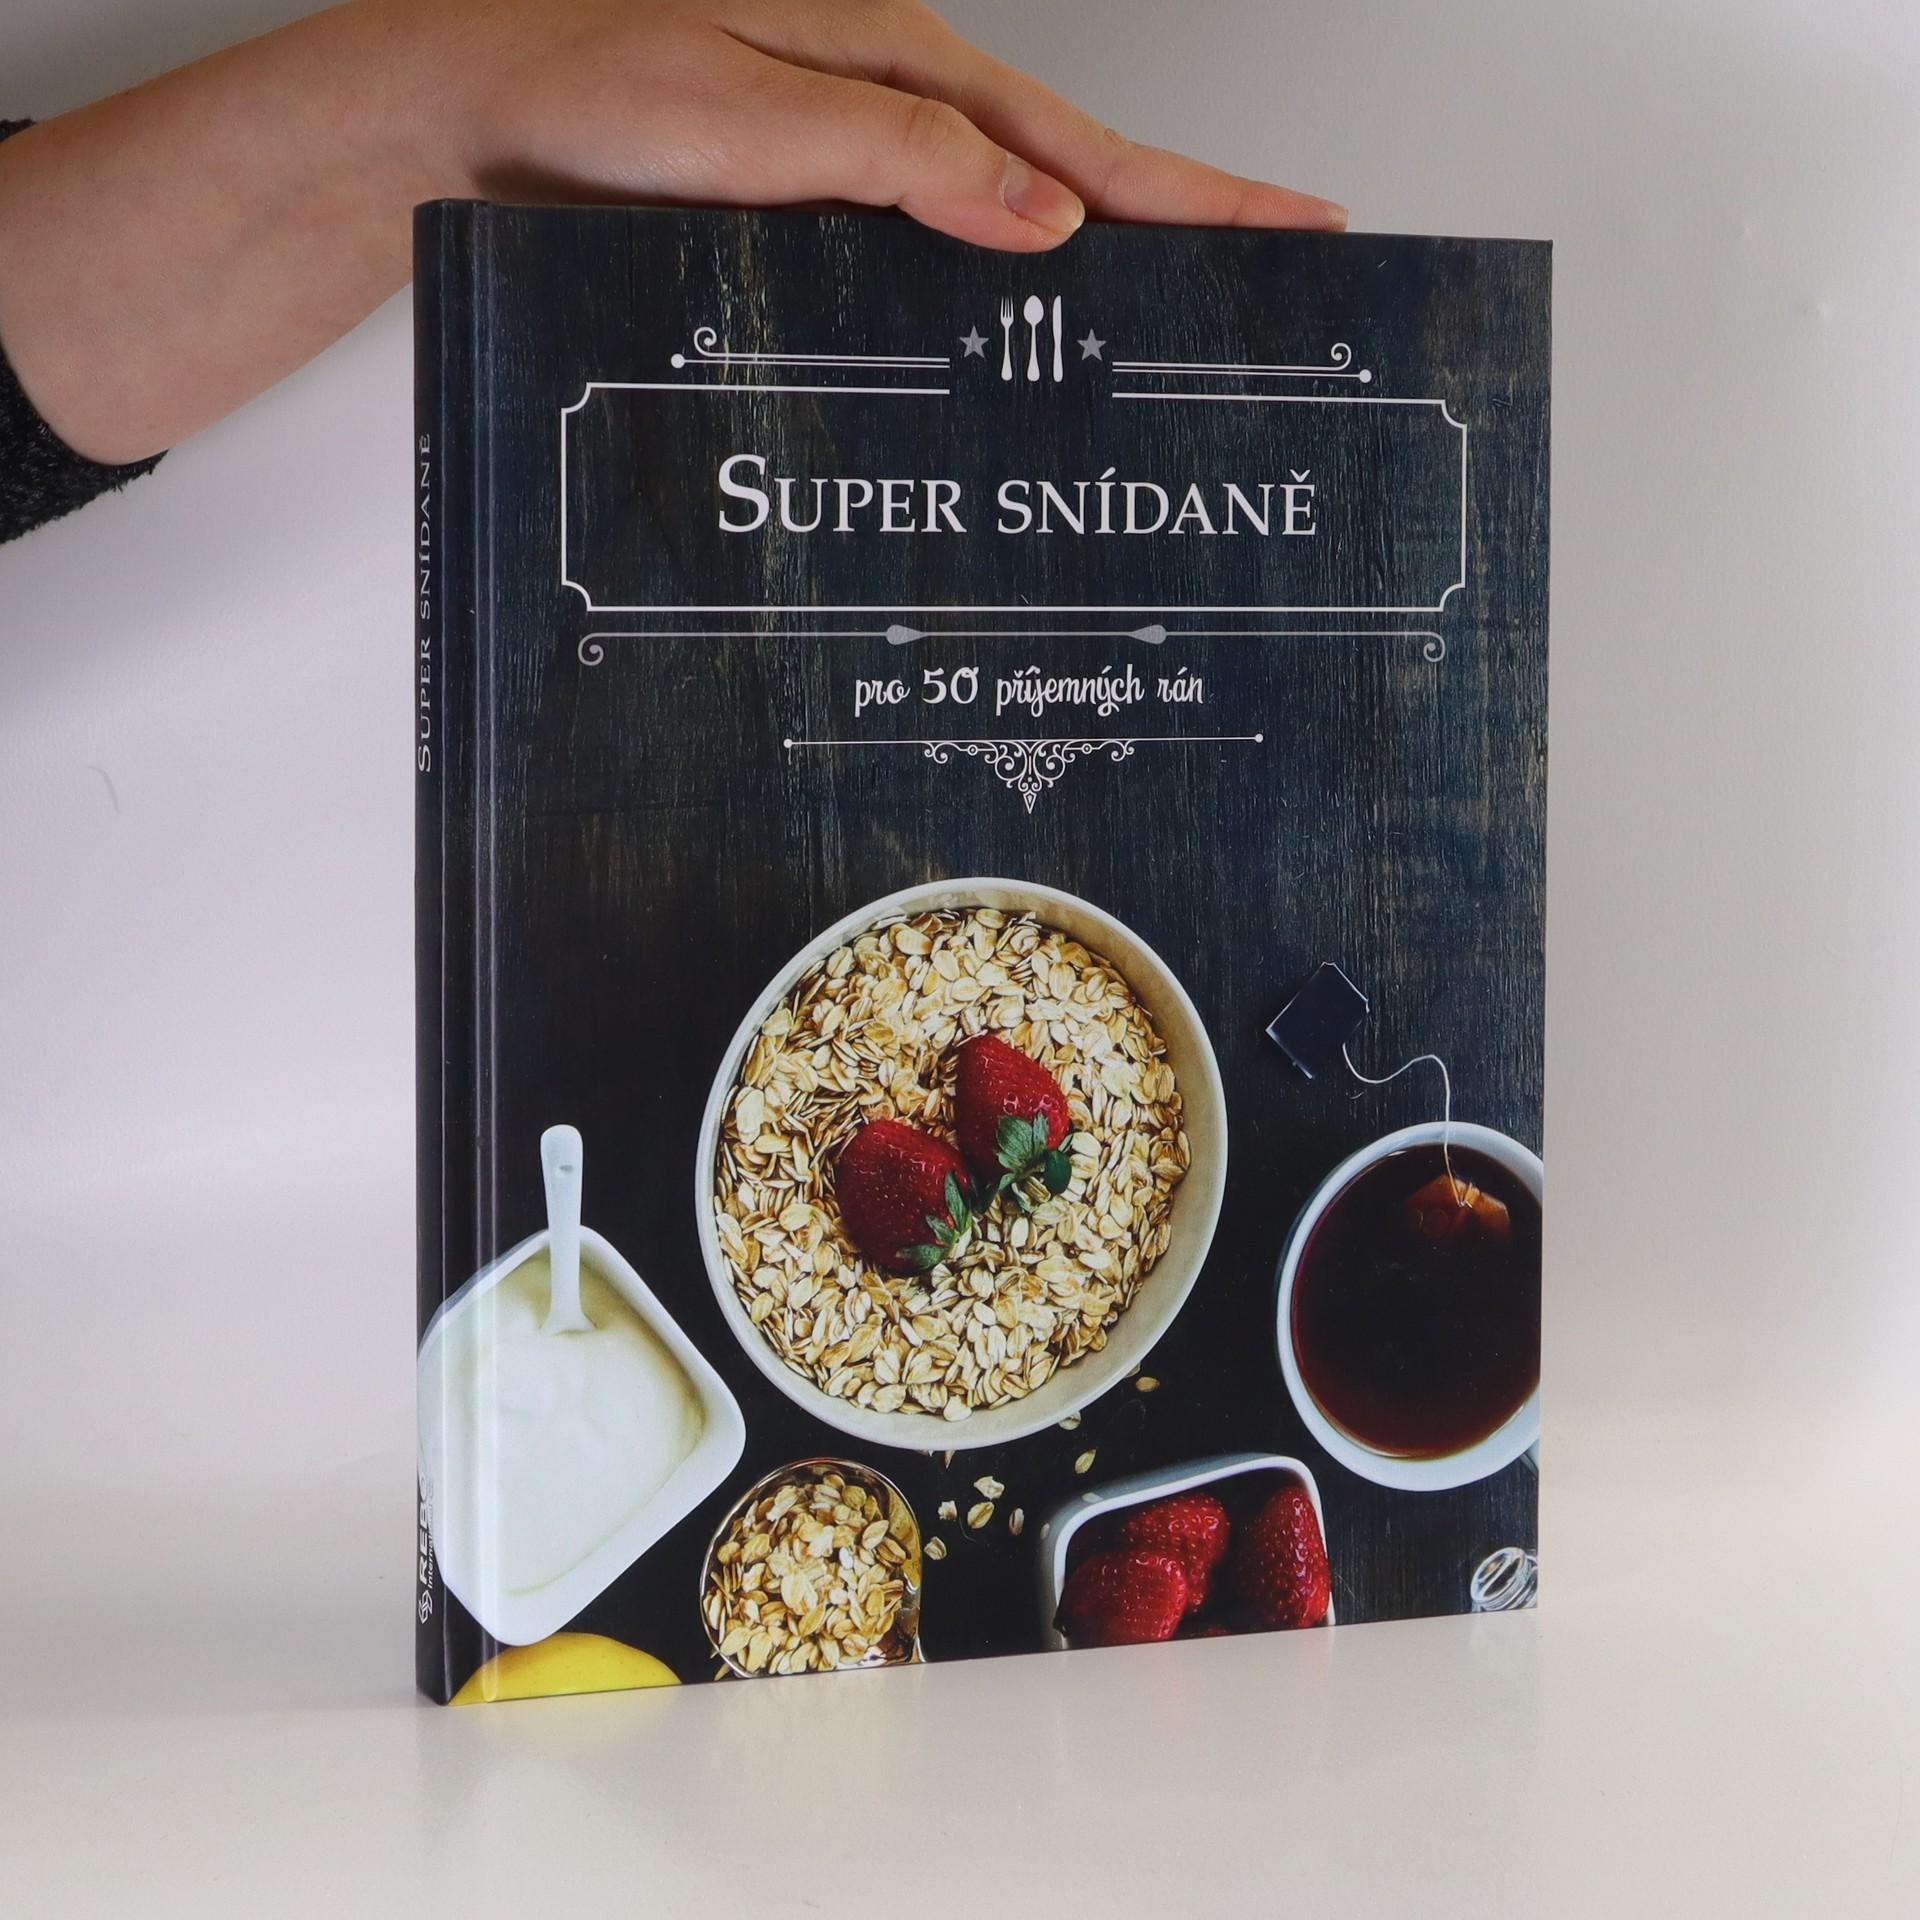 antikvární kniha Super snídaně, 2018